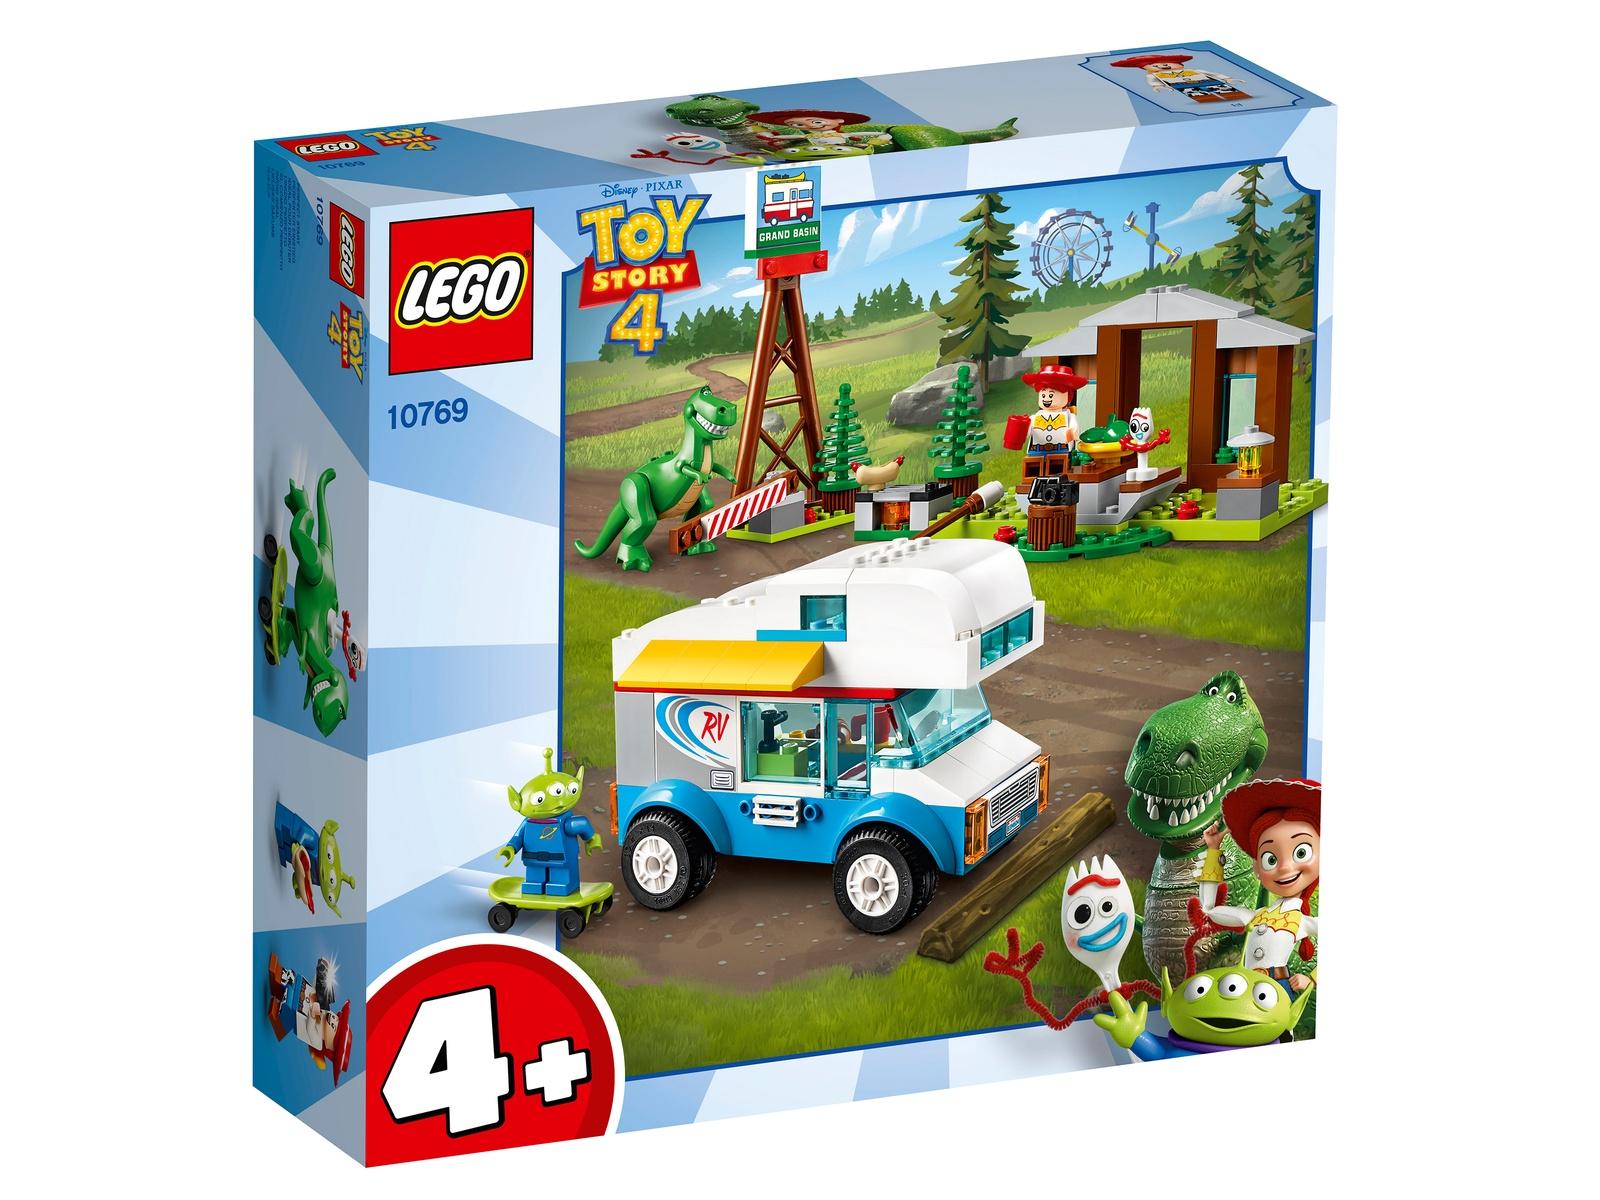 Пластиковый конструктор LEGO 10769